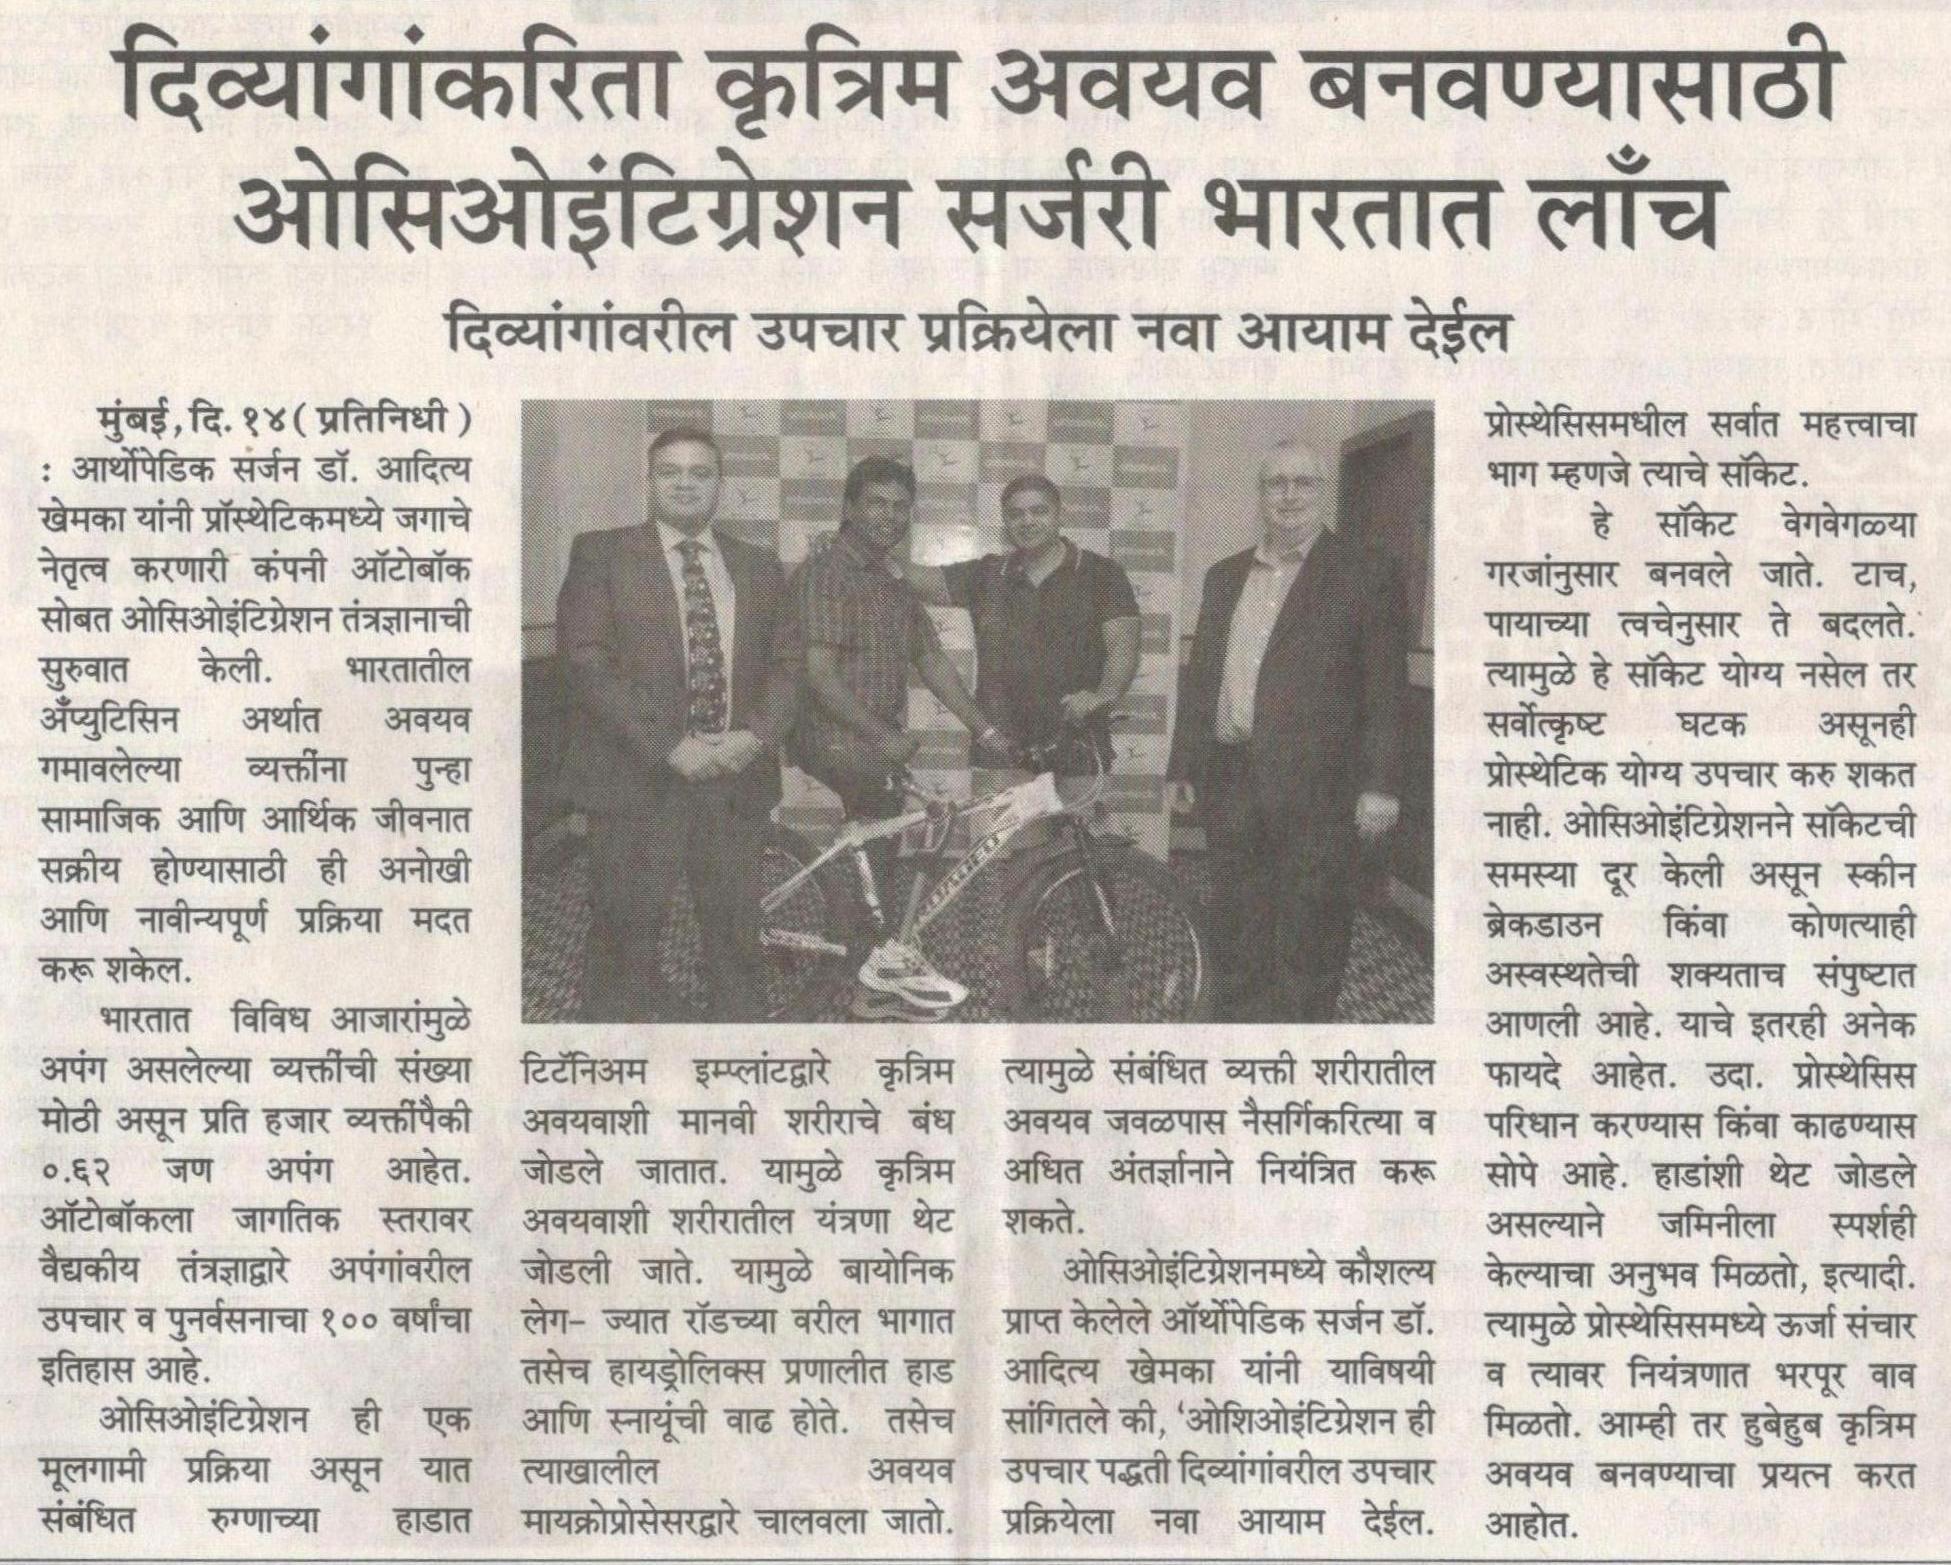 Pratahkal news